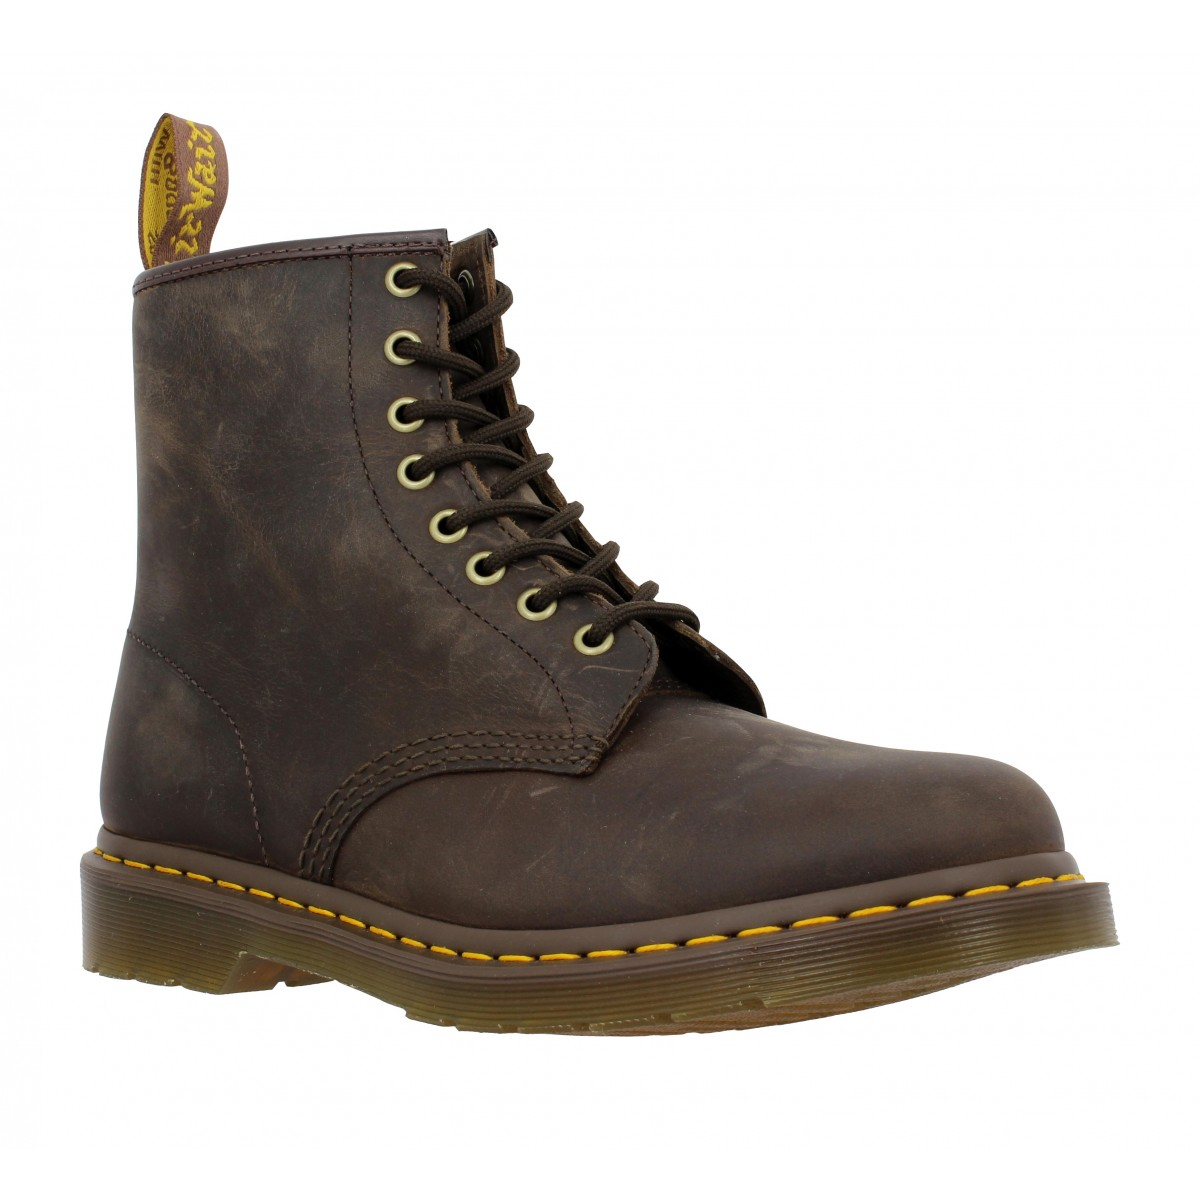 dr martens 1460 cuir gras femme brun fonce fanny chaussures. Black Bedroom Furniture Sets. Home Design Ideas